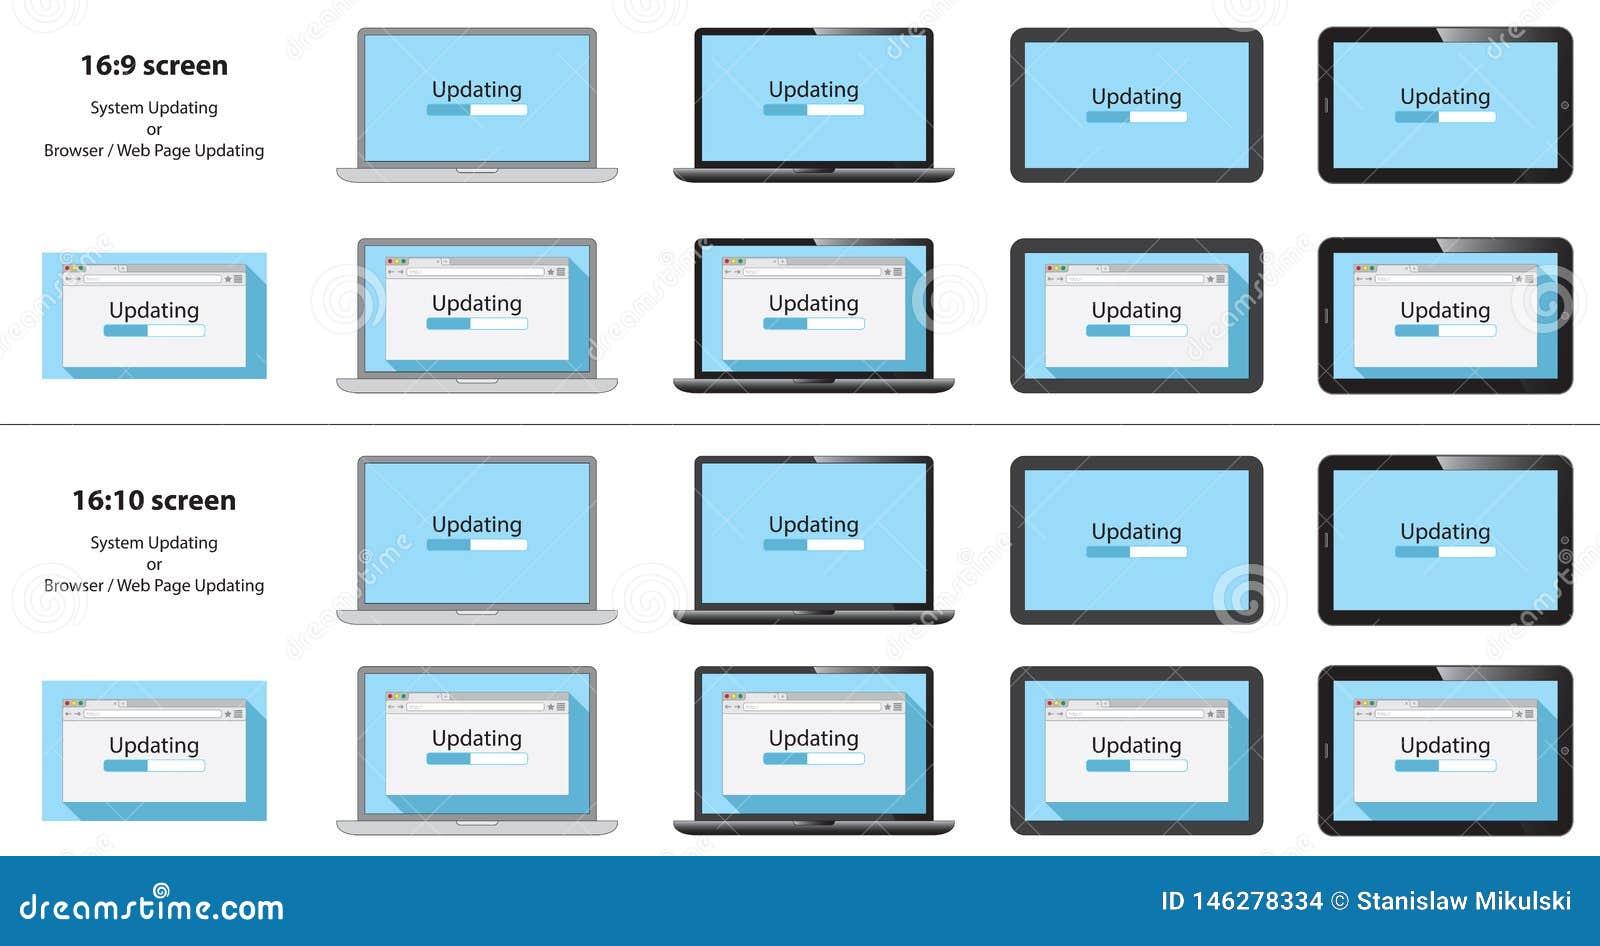 Σύνολο διαδικασίας ενημέρωσης στο παράθυρο μηχανών αναζήτησης, οθόνη σημειωματάριων, PC ταμπλετών